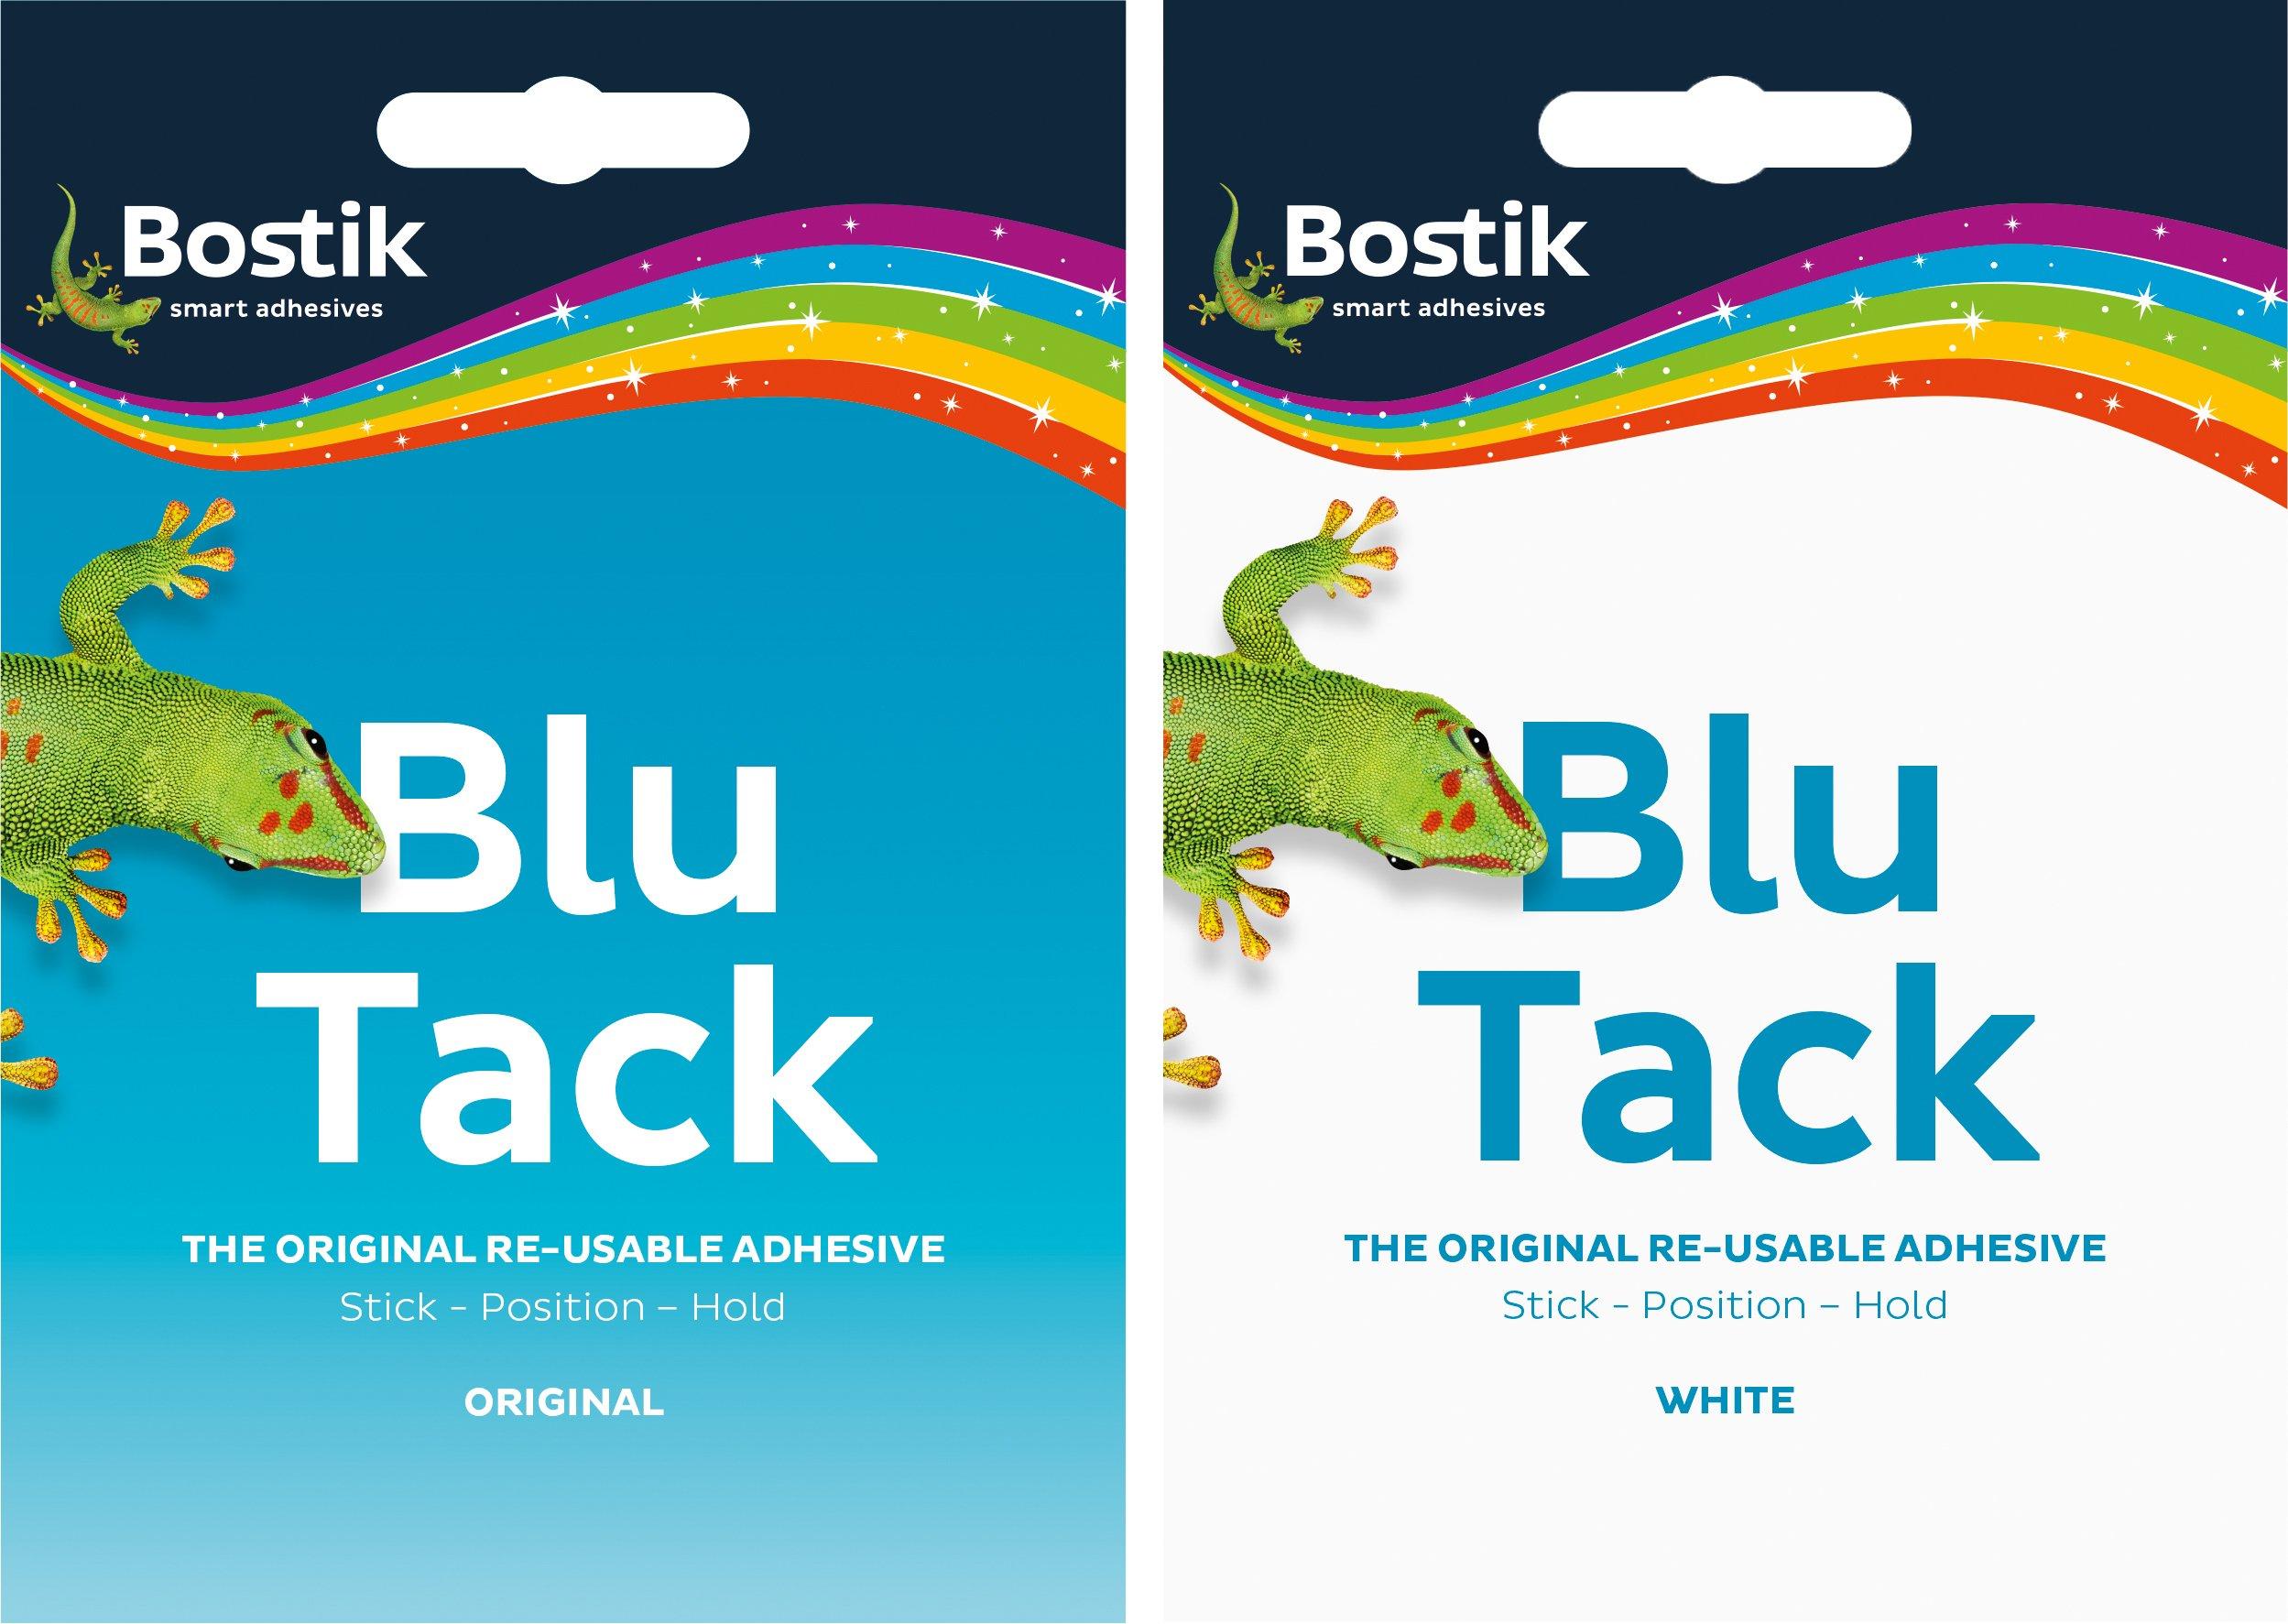 12 x Bostik Blu Tack Mastic 6 White 6 Blue Slabs by Bostik